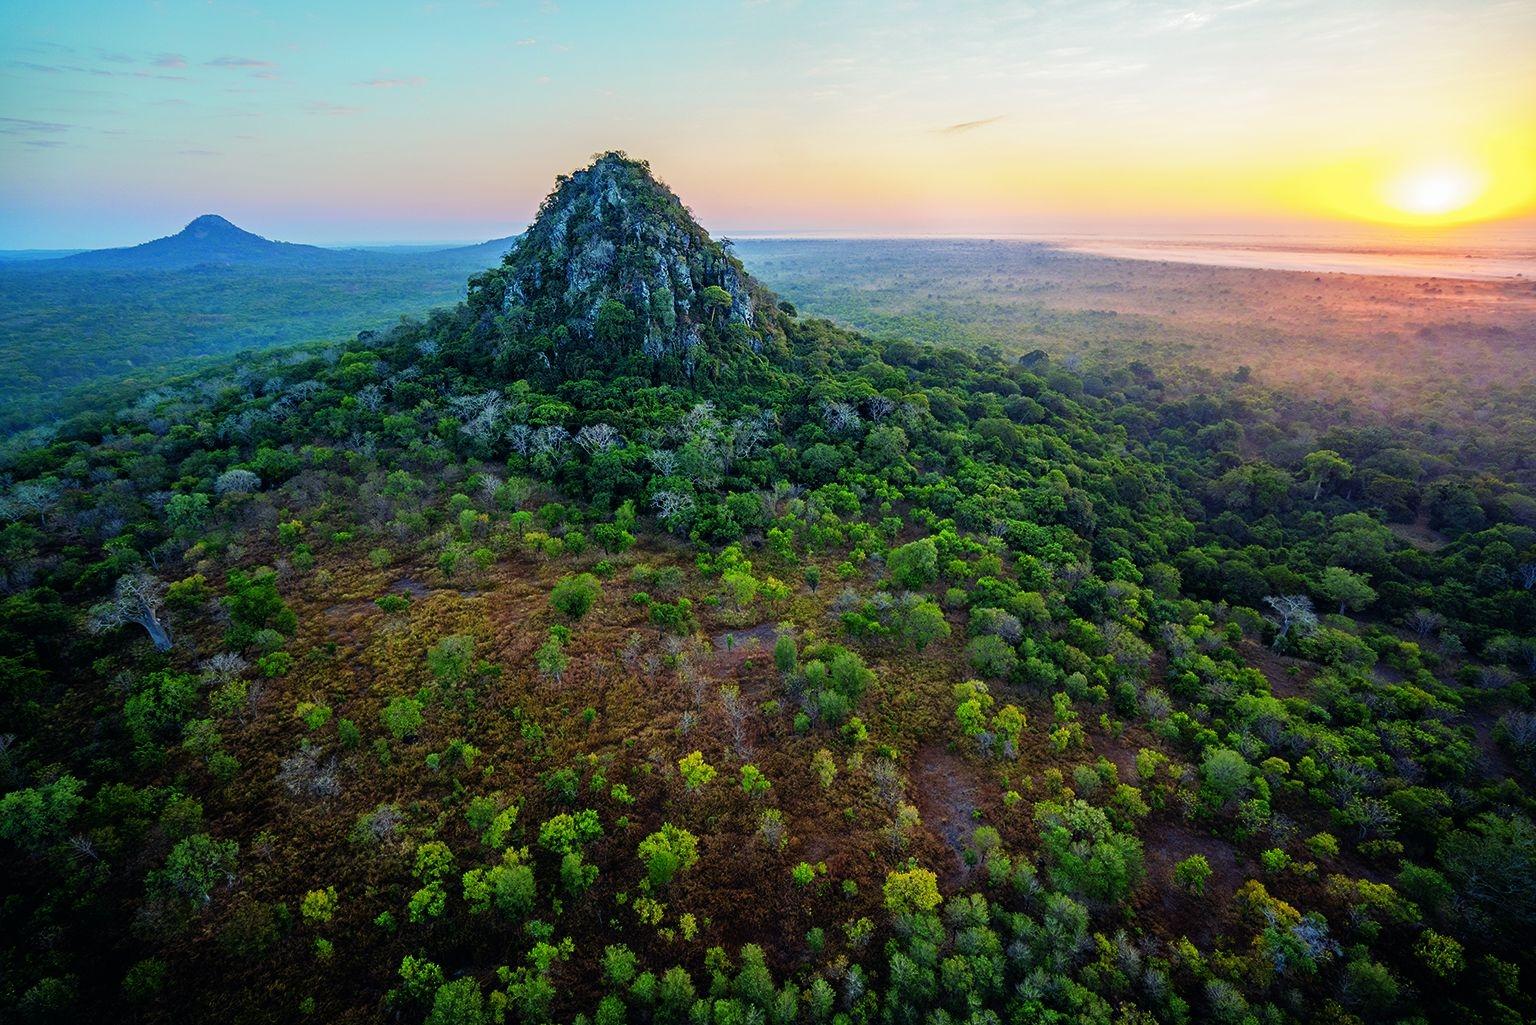 哥隆戈薩國家公園位於東非大裂谷的南端,占地4000平方公里,橫跨高山、高原森林、懸崖峽谷、棕櫚草原與溼地。從這一片森林零星突出的是邦加島山,這是周圍較軟的地形遭受侵蝕後遺留下來的古老火山岩小丘。攝影:查理.漢米爾頓.詹姆士 CHARLIE HAMILTON JAMES